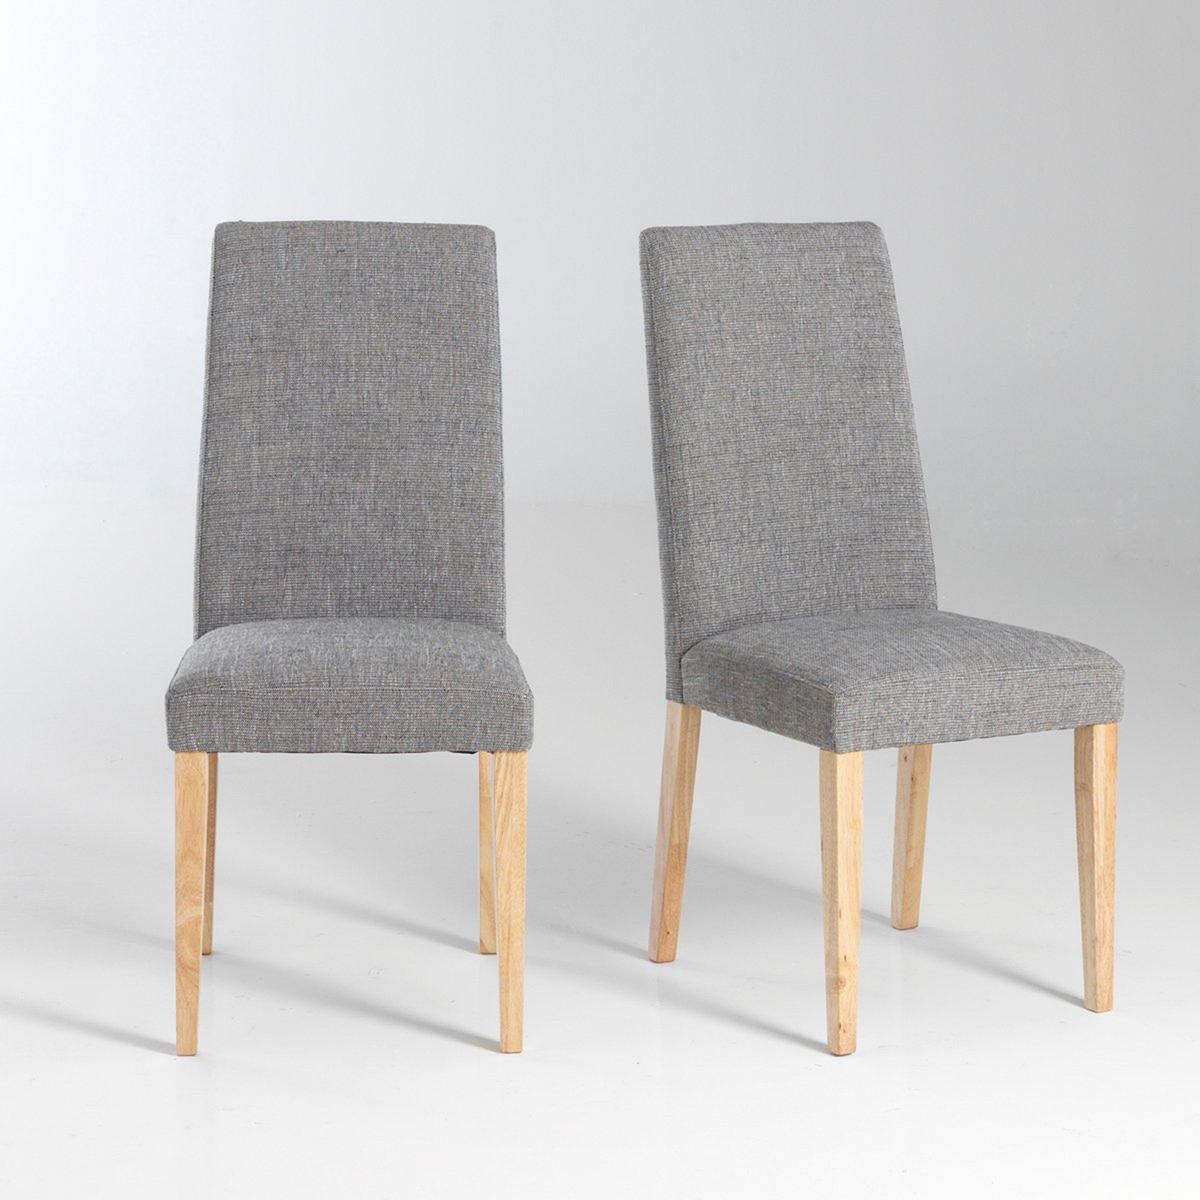 2 стула, DILLYКомплект из 2 стульев Dilly : в классическом и современном стиле одновременно ! Описание стульев Dilly :Поддержка сиденья стяжками .Для оптимального качества и устойчивости рекомендуется надежно затянуть болты. Характеристики стульев Dilly :Из гевеи с ПУ-лакировкой .Спинка с полиэфирным наполнителем (30 кг/м?).Обивка: 75% полиэстера, 25% хлопкаОткройте для себя всю коллекцию Dilly на нашем сайте..Размеры стула Dilly :Ширина : 44 смВысота : 96 см.Глубина : 50 см.Сиденье : 44 x 48 x 44 см .Доставка :Стулья Dilly доставляются в разобранном виде. Возможна доставка до квартиры по предварительному согласованию !Внимание ! Убедитесь, что дверные, лестничные и лифтовые проемы позволяют осуществить доставку коробки таких габаритов .<br><br>Цвет: серый меланж